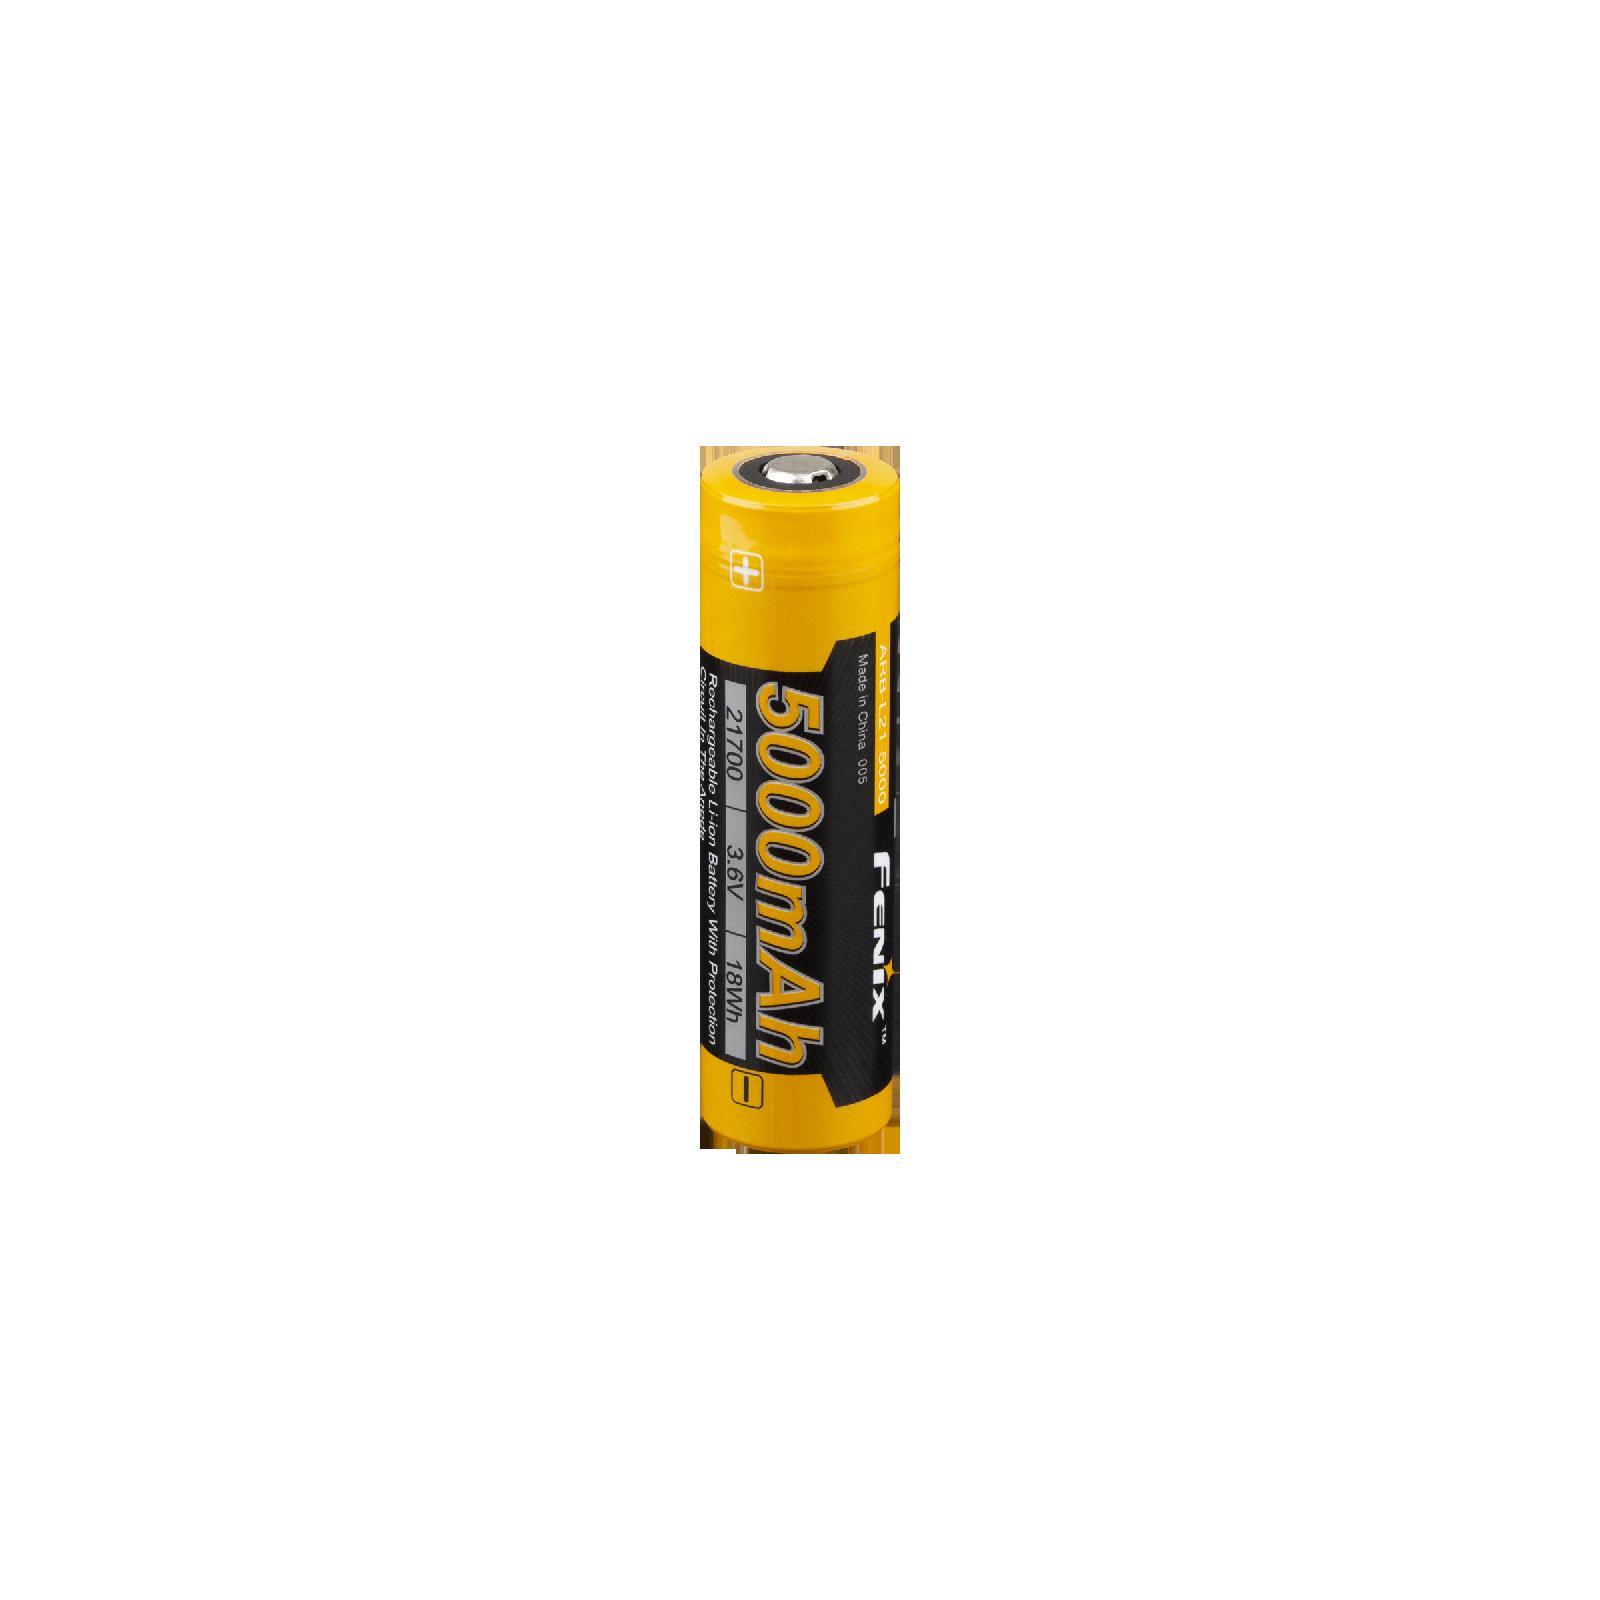 Аккумулятор 21700 Fenix ARB-L21-5000 аккумулятор fenix 10180 80mah arb l10 80